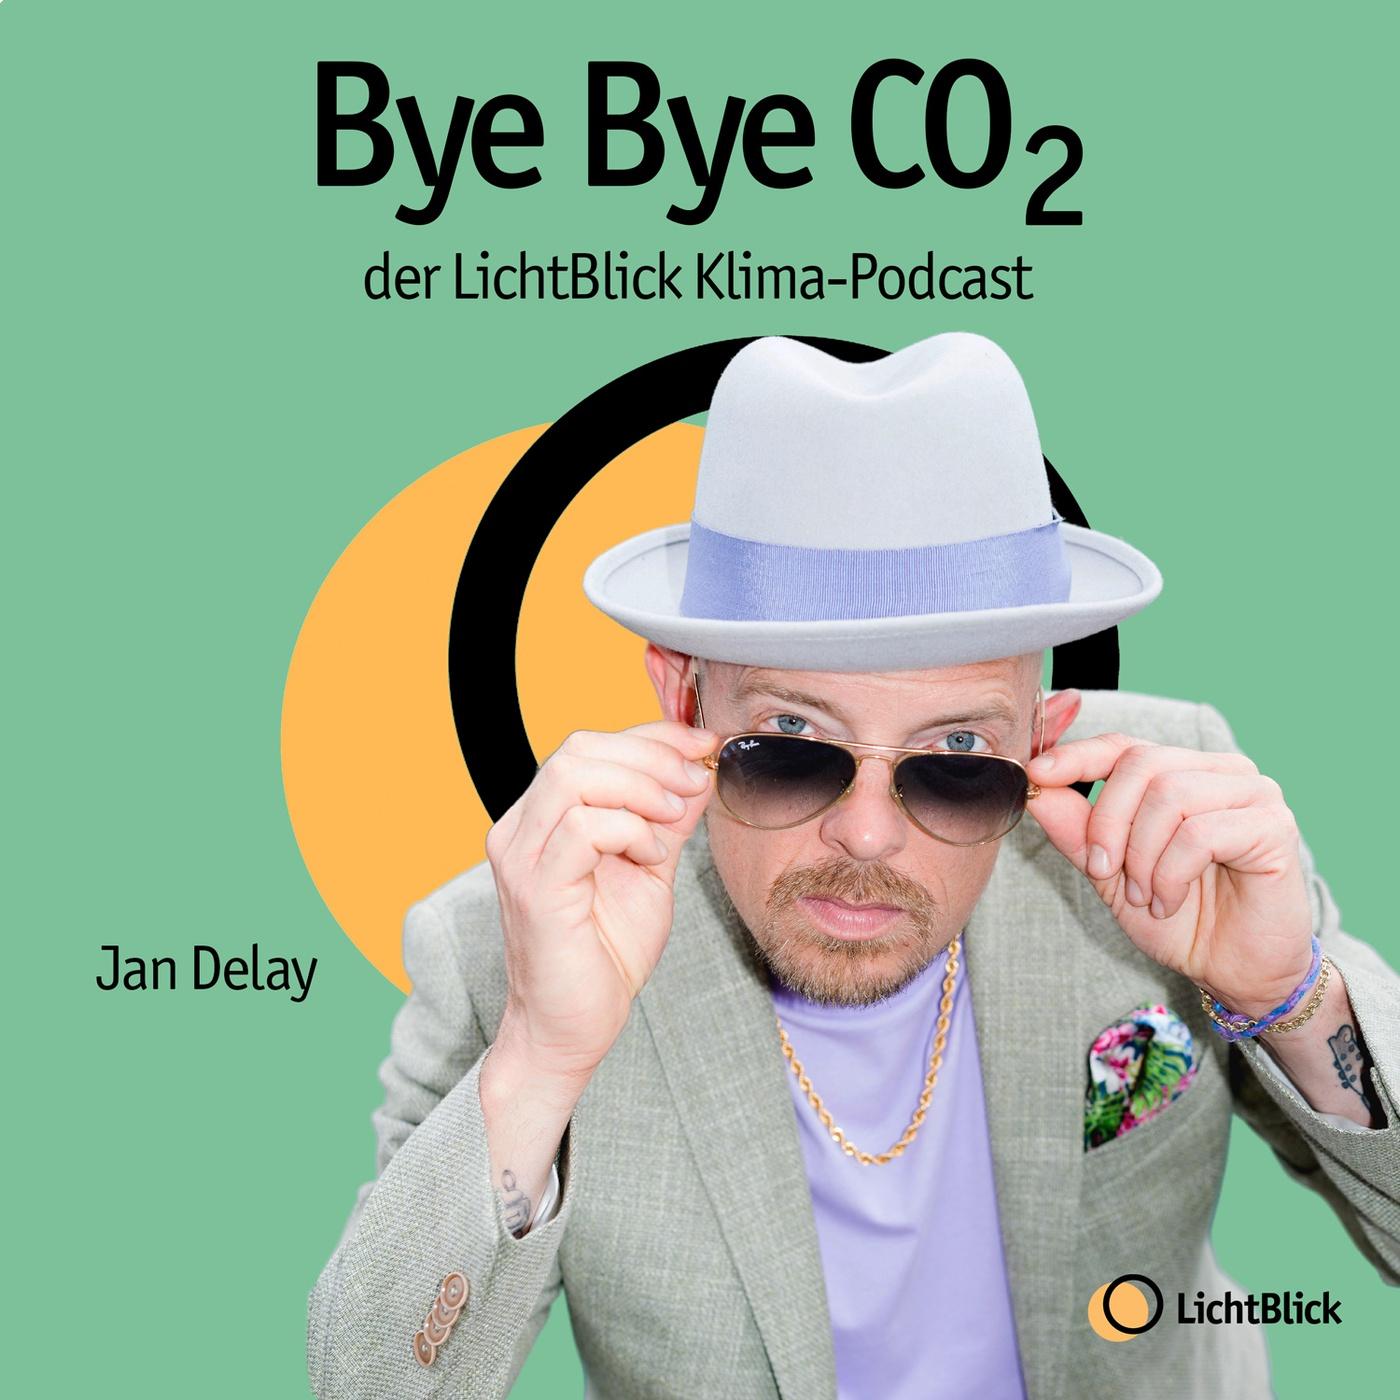 Egoismus als Ursache der Klimakrise - Jan Delay über Chancen für einen Wandel